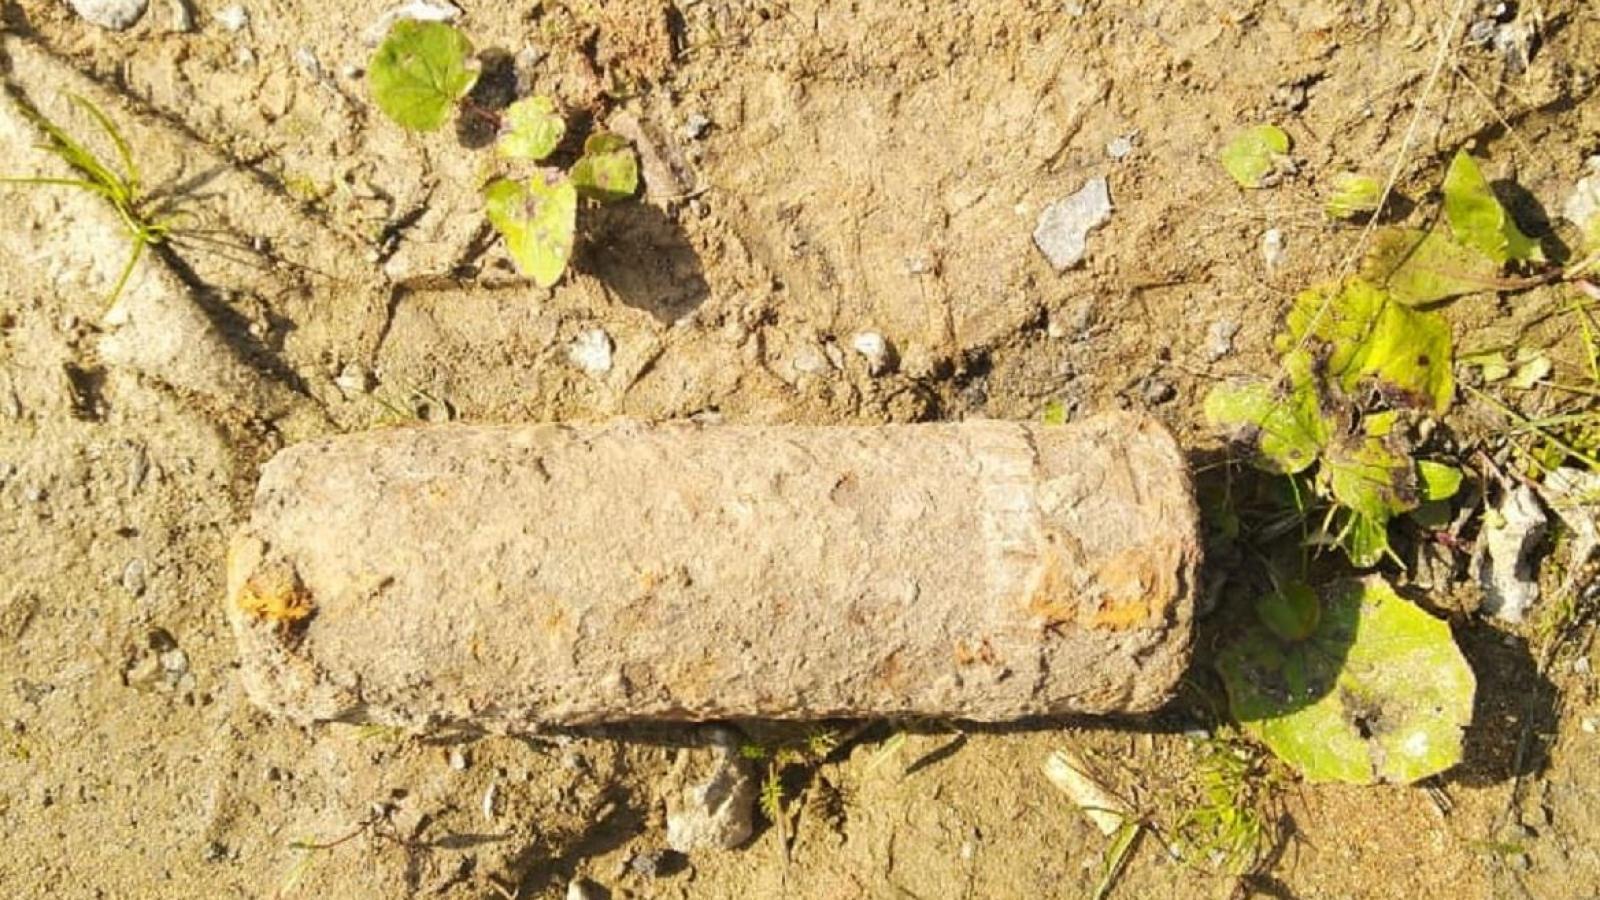 Череповчанин нашел на участке артиллерийский снаряд